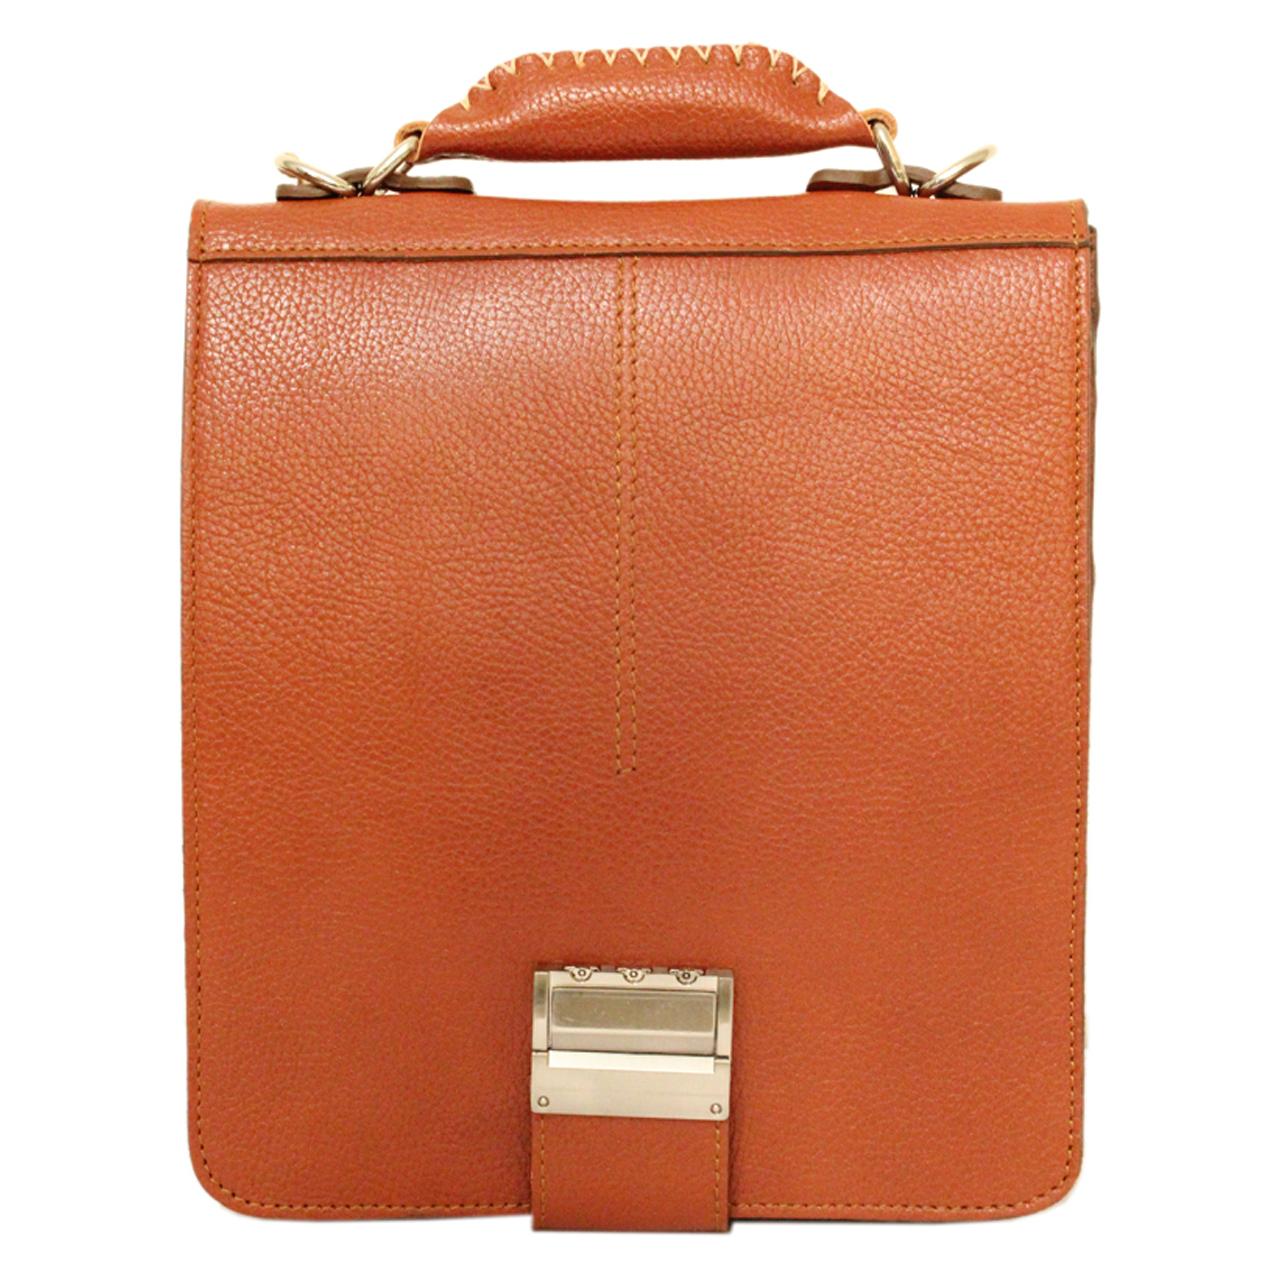 قیمت کیف دستی چرم پندار کد ph017